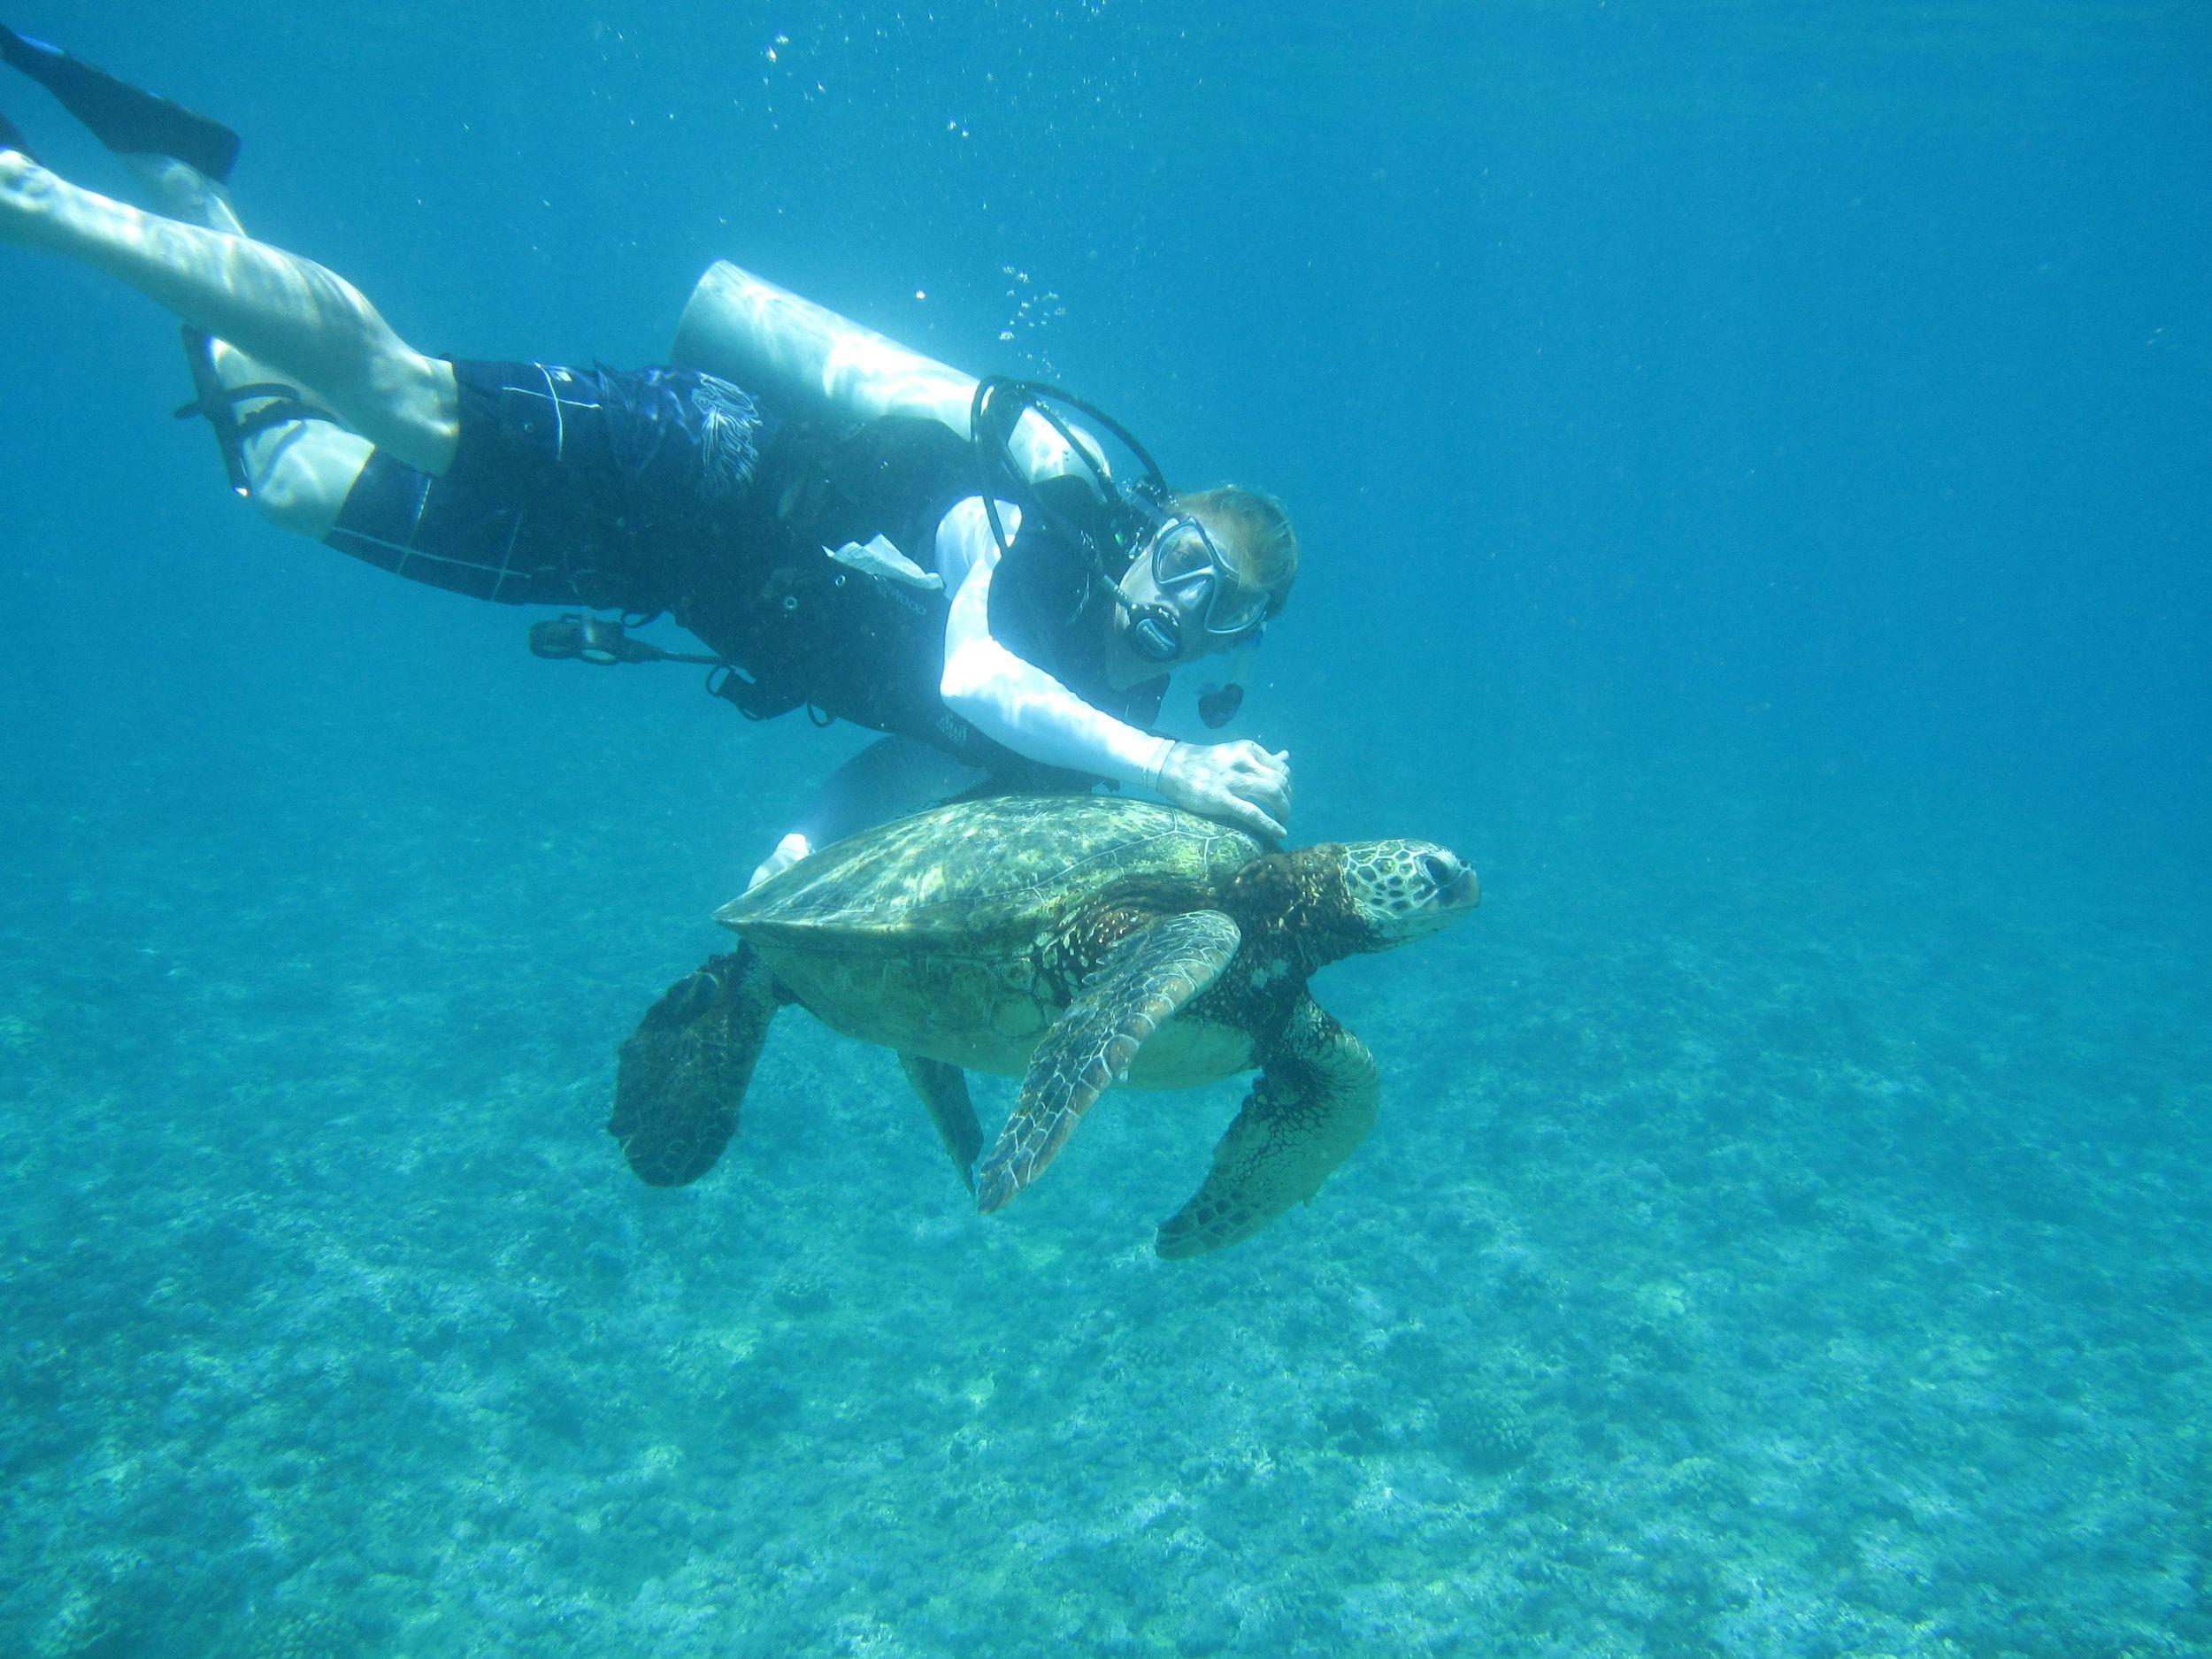 Kauai turty.jpg